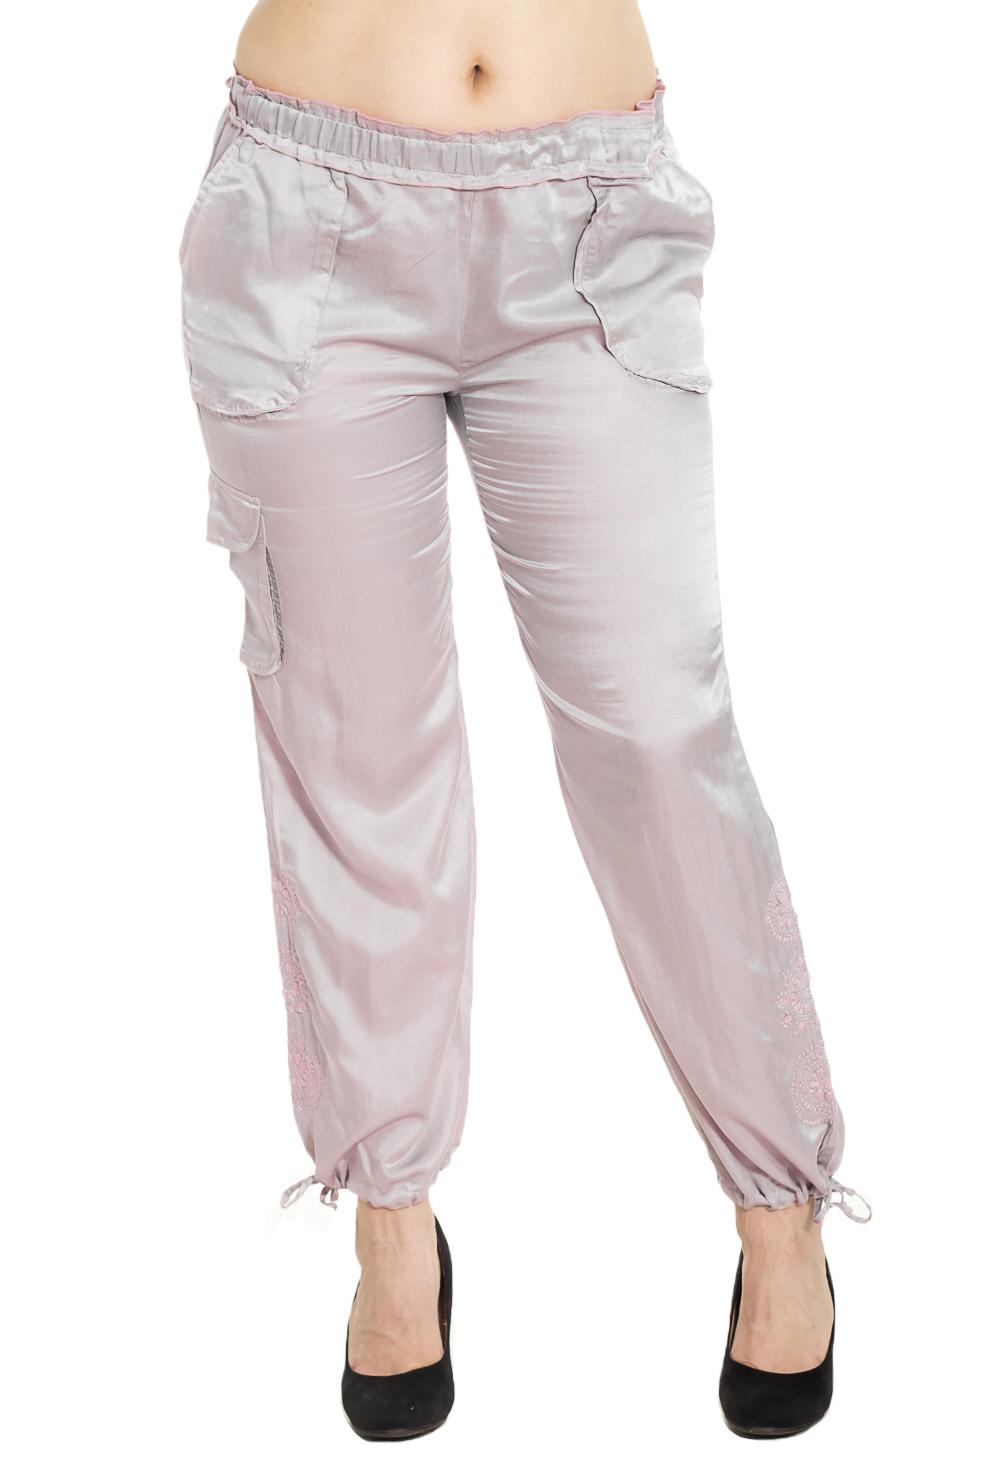 БрюкиБрюки<br>Универсальные брюки из приятного материала. Отличный выбор для повседневного гардероба.  Цвет: серо-розовый  Рост девушки-фотомодели 180 см.<br><br>По материалу: Шелк<br>По рисунку: Однотонные<br>По силуэту: Полуприталенные<br>По стилю: Повседневный стиль<br>По элементам: С карманами,С резинкой<br>По сезону: Лето<br>Размер : 44,46,48,50,54,60,64,68<br>Материал: Шелк<br>Количество в наличии: 21